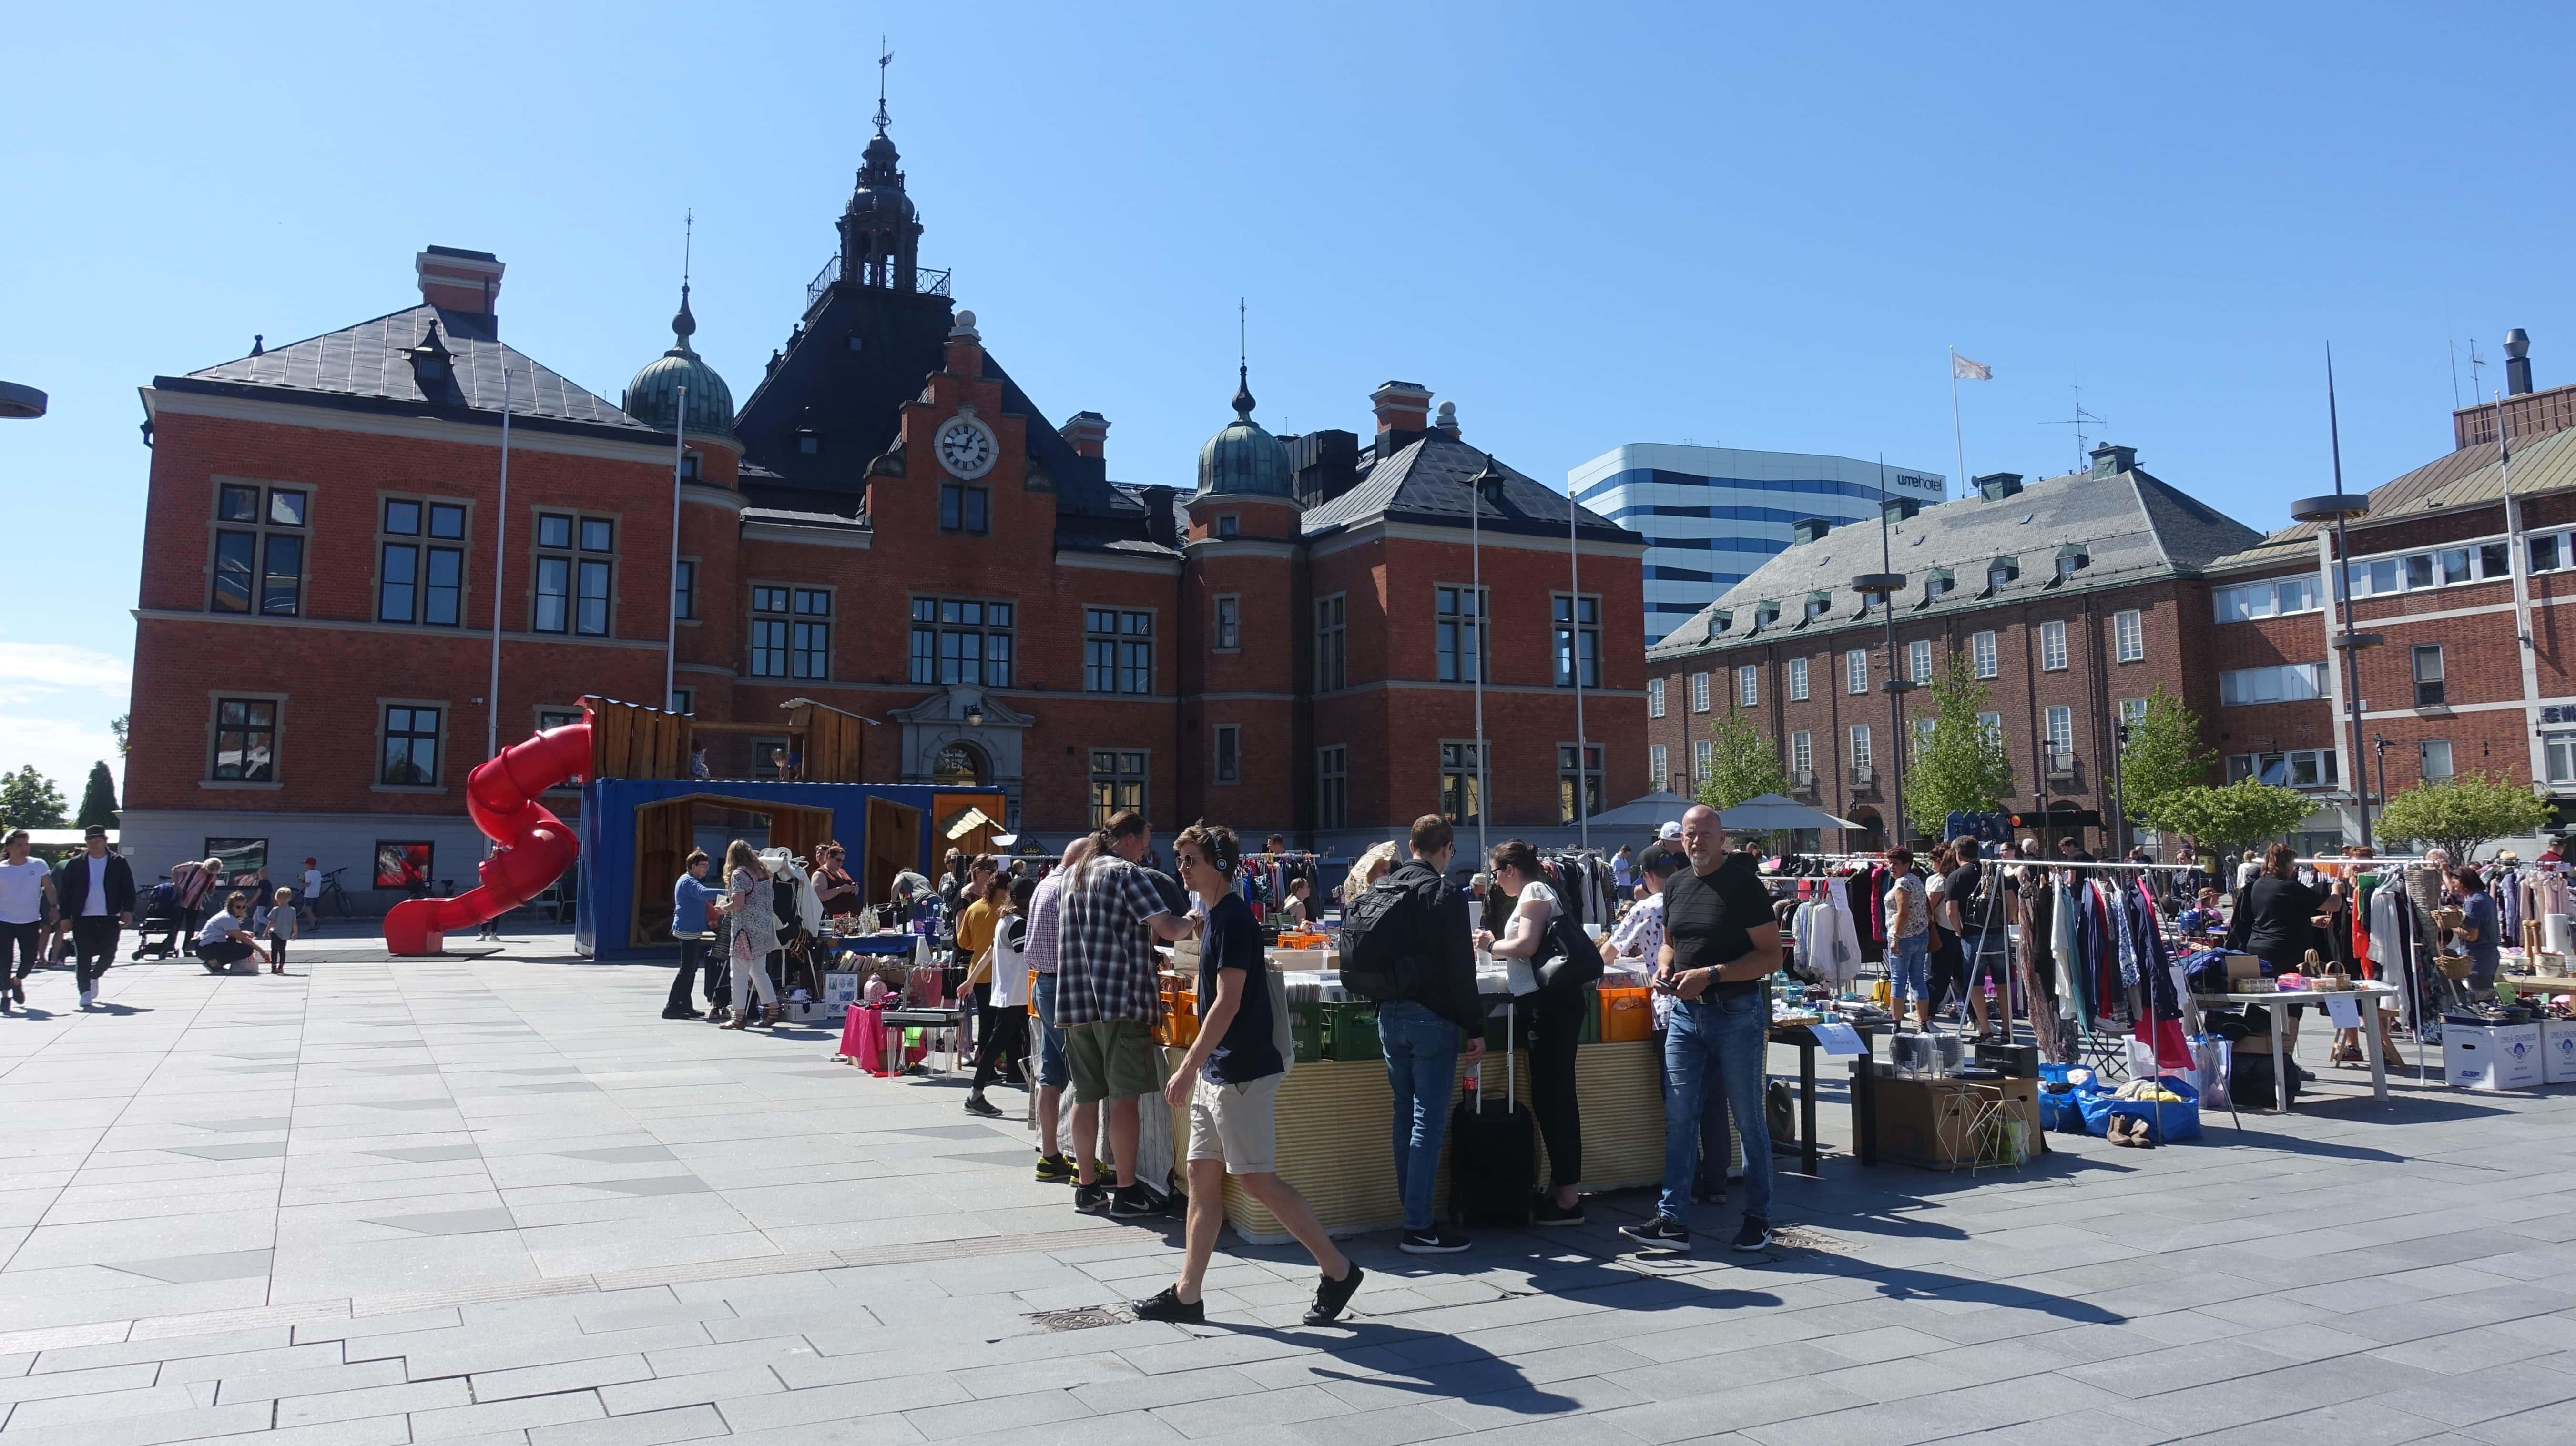 Flohmarkt auf dem Marktplatz in Umeå